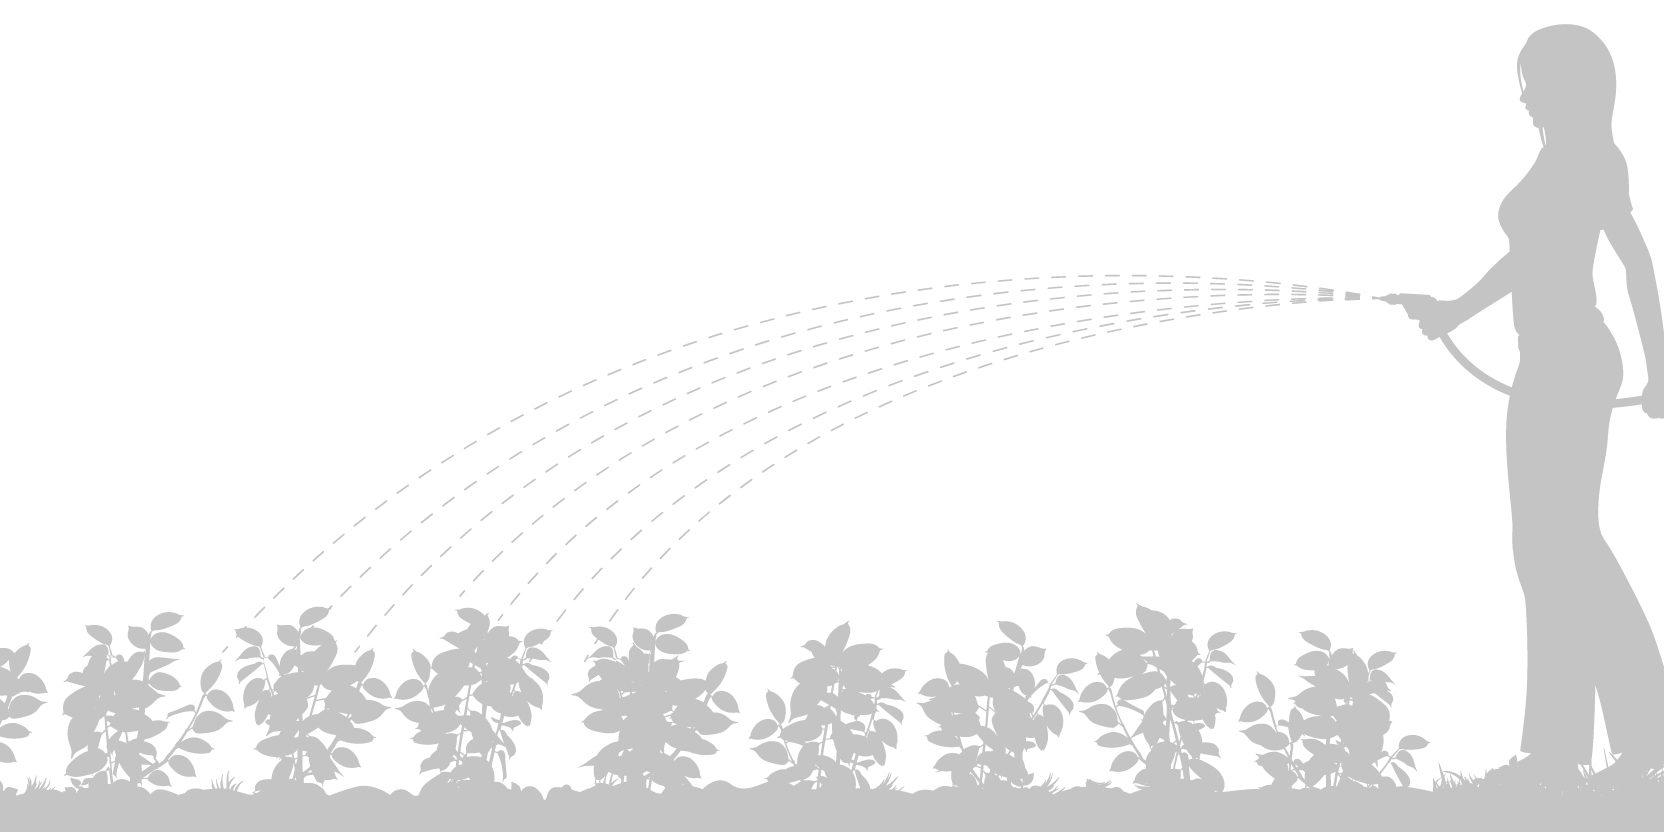 cote-et-jardins-paysagiste-entretien-espaces-verts-service-a-la-personne-arrosage-manuel-des-vegetaux